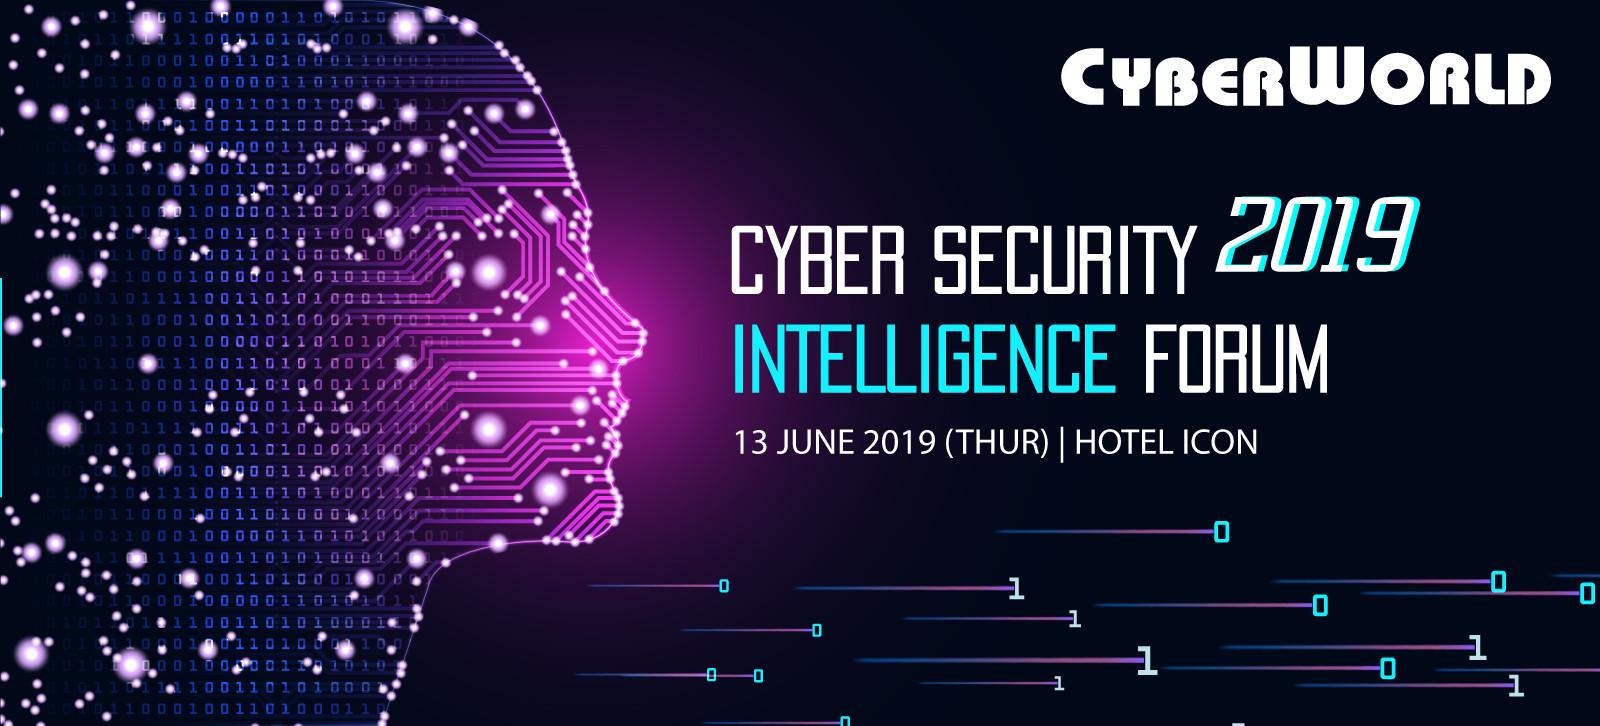 Sponsors | Cyberworld Cyber Security Intelligence Forum 2019